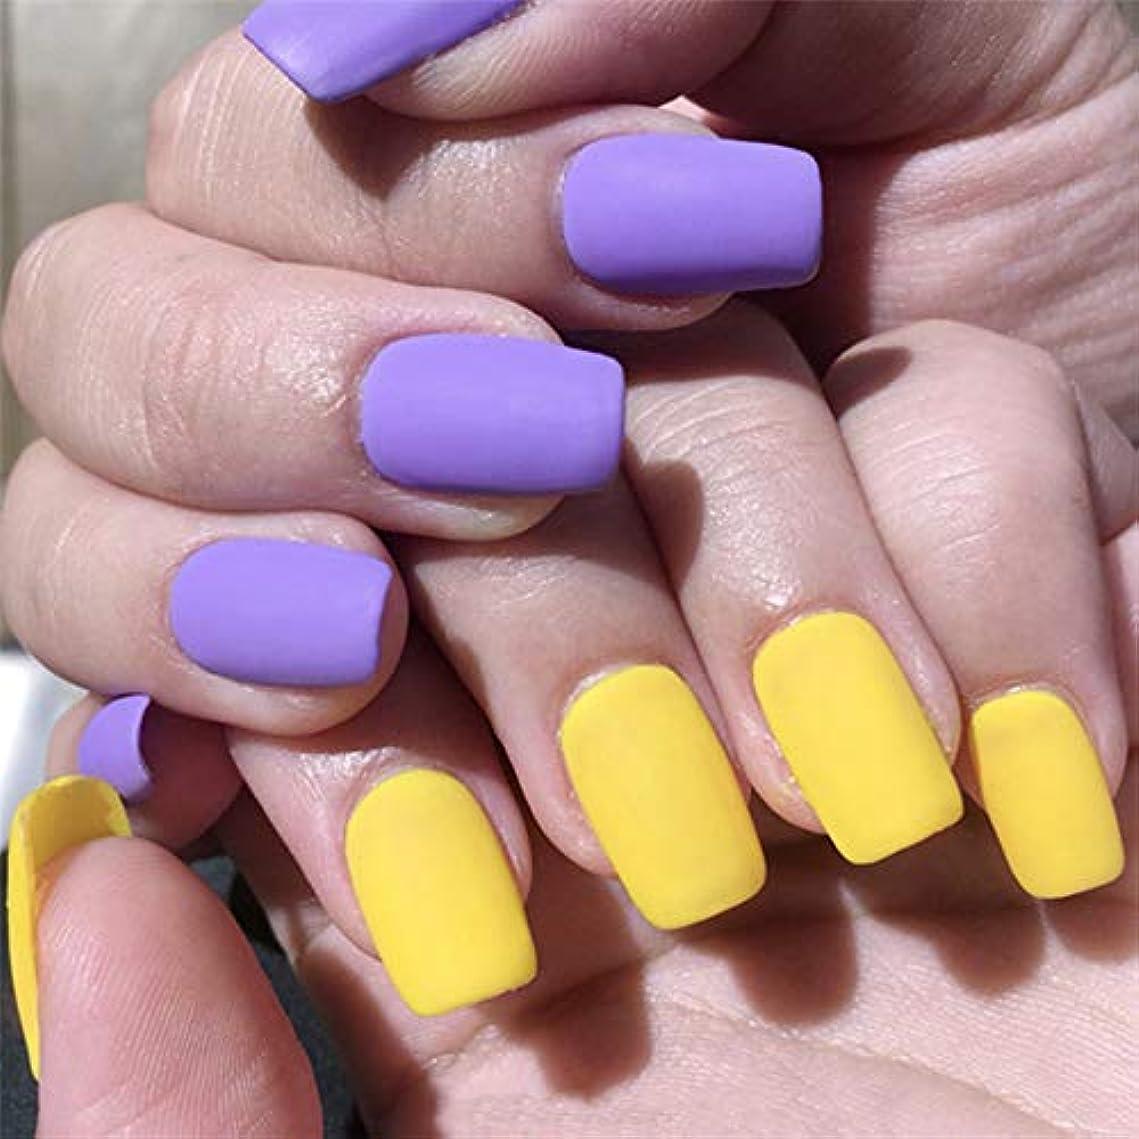 肉腫設置ホールドXUTXZKA 24ピース偽爪黄色紫マットヒールマルチカラーブライダル偽爪人工自己接着チップステッカー